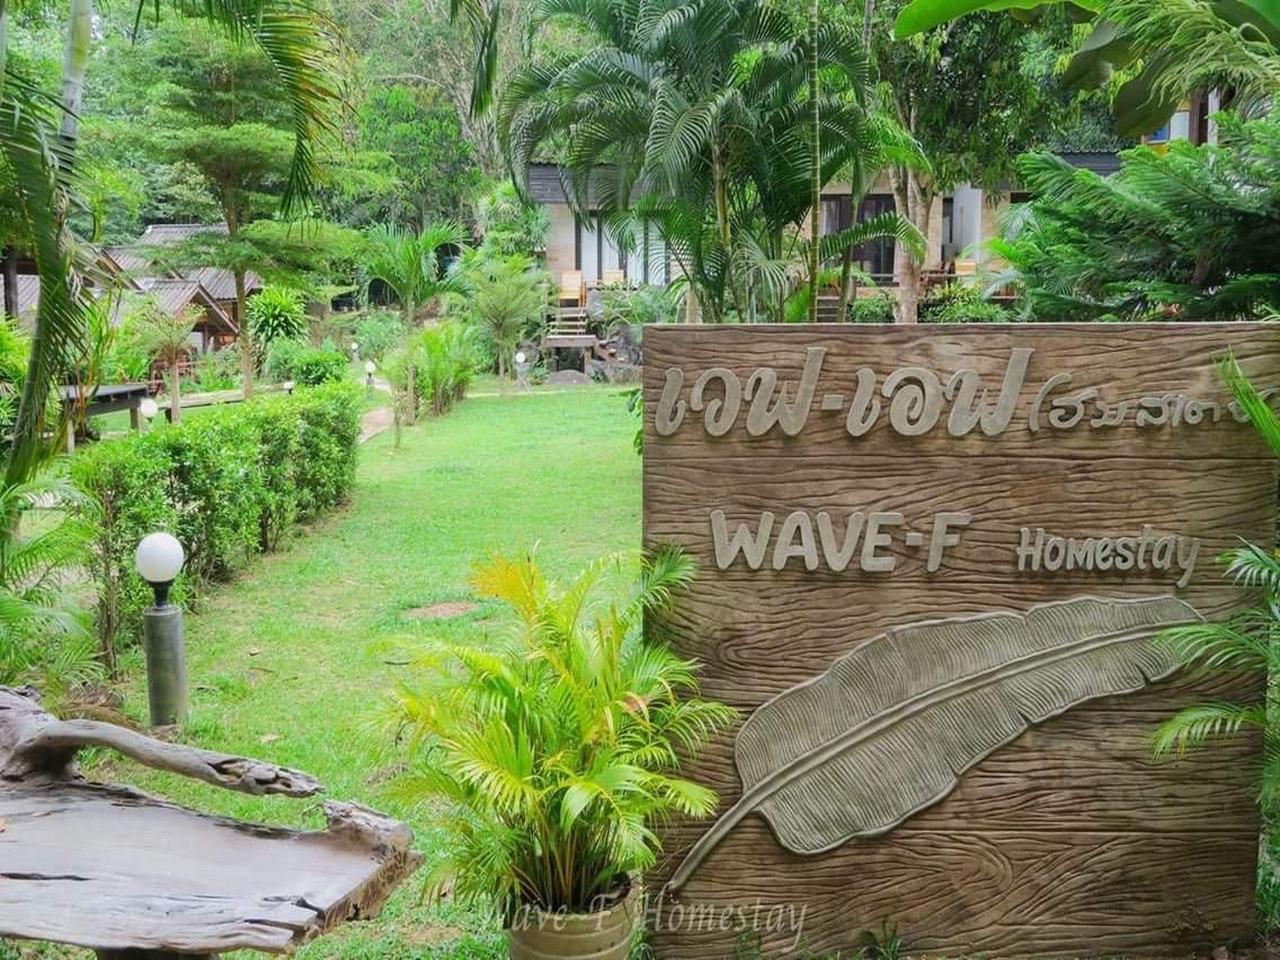 เวฟ-เอฟ โฮมสเตย์ (Wave-F Homestay )